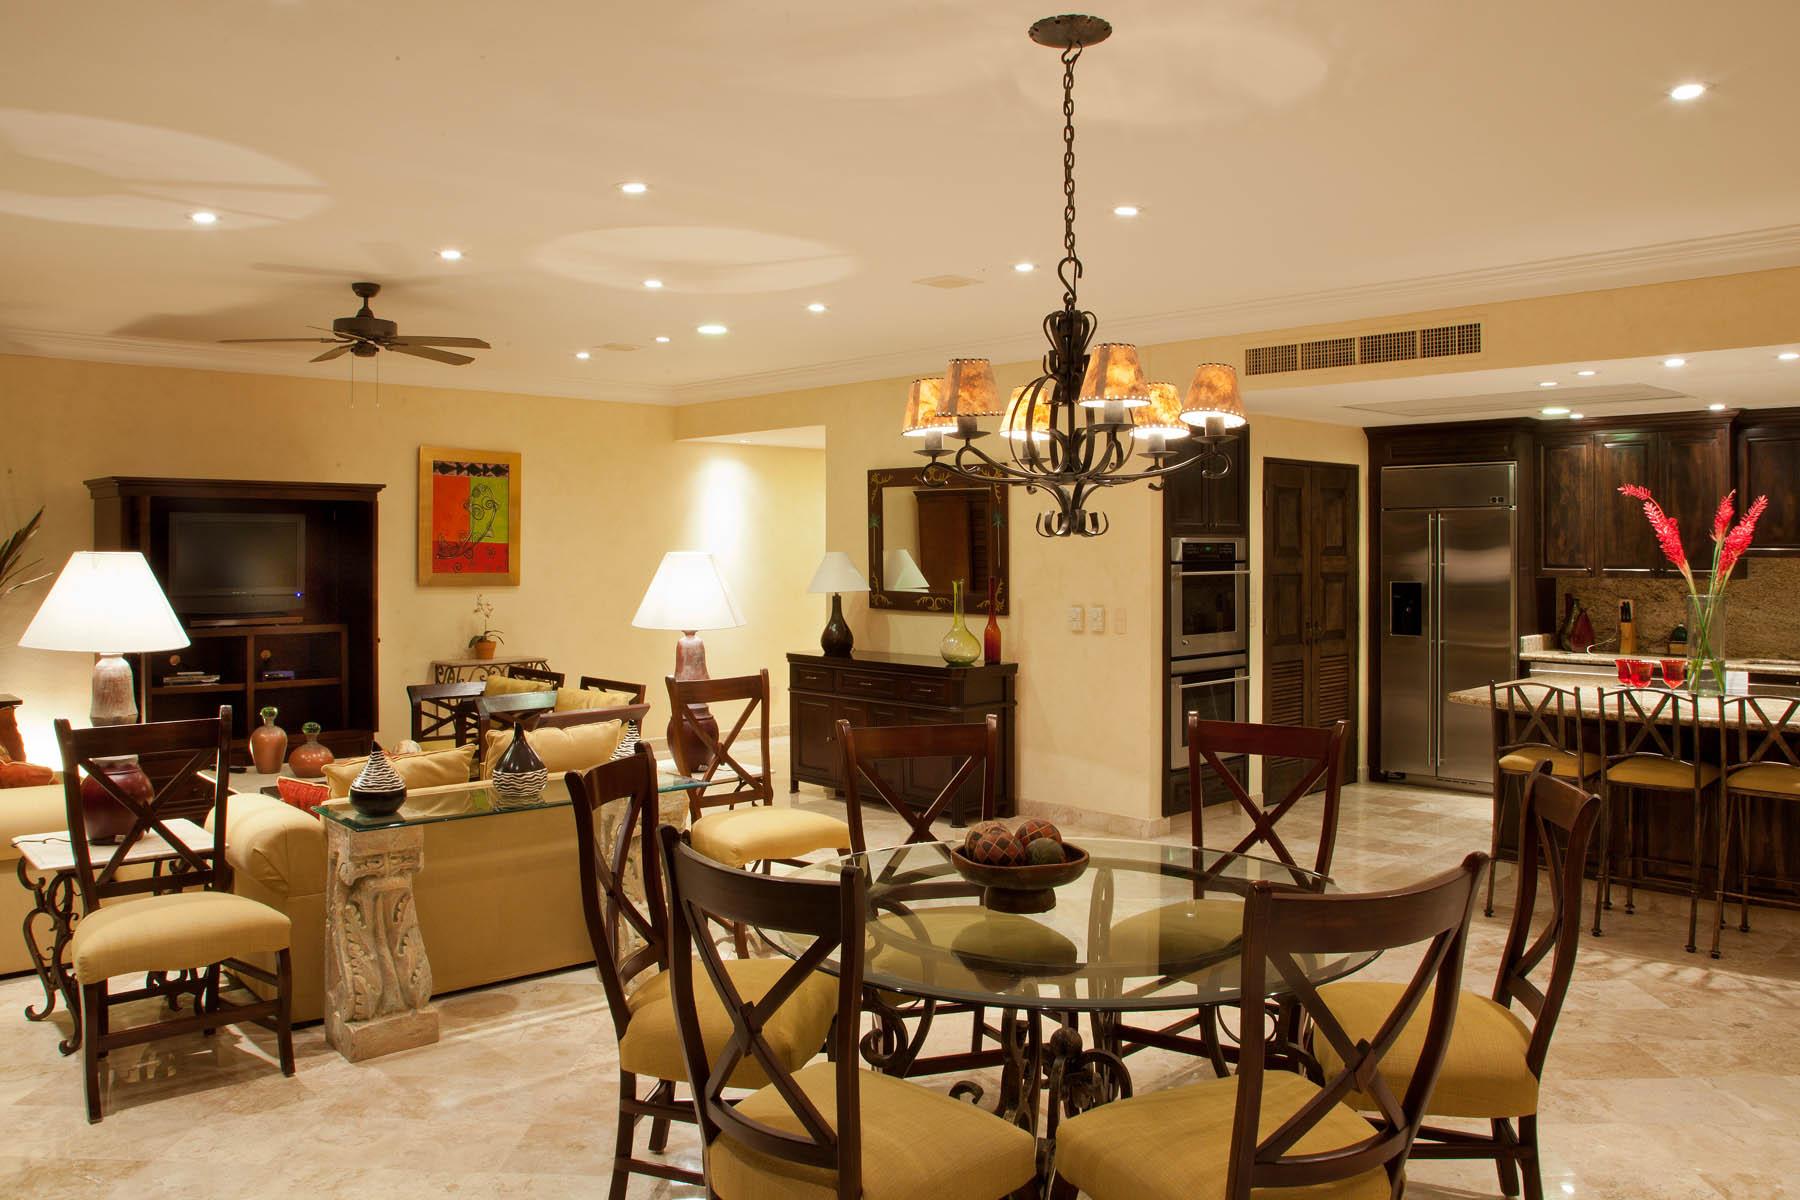 Villa la estancia riviera nayarit presidential three bedroom suite 10